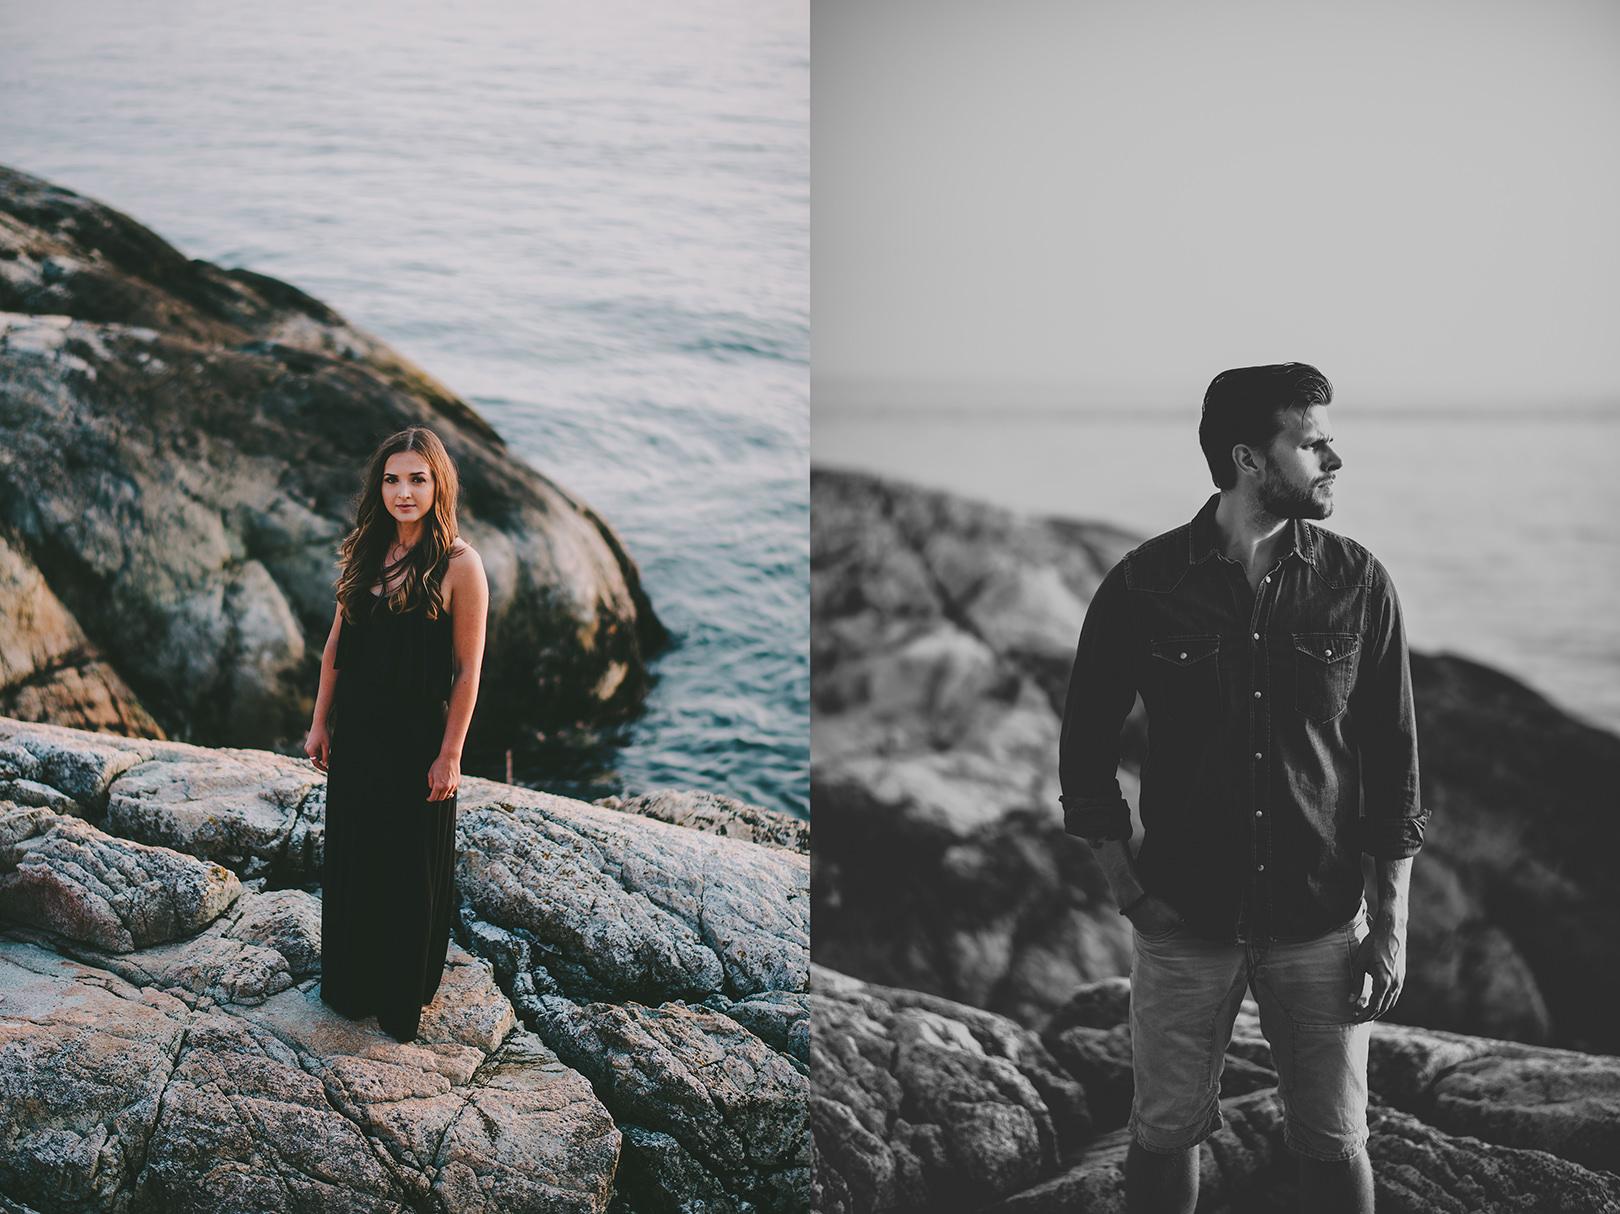 Justin & Sarah - Engagement - © Dallas Kolotylo Photography - 157a